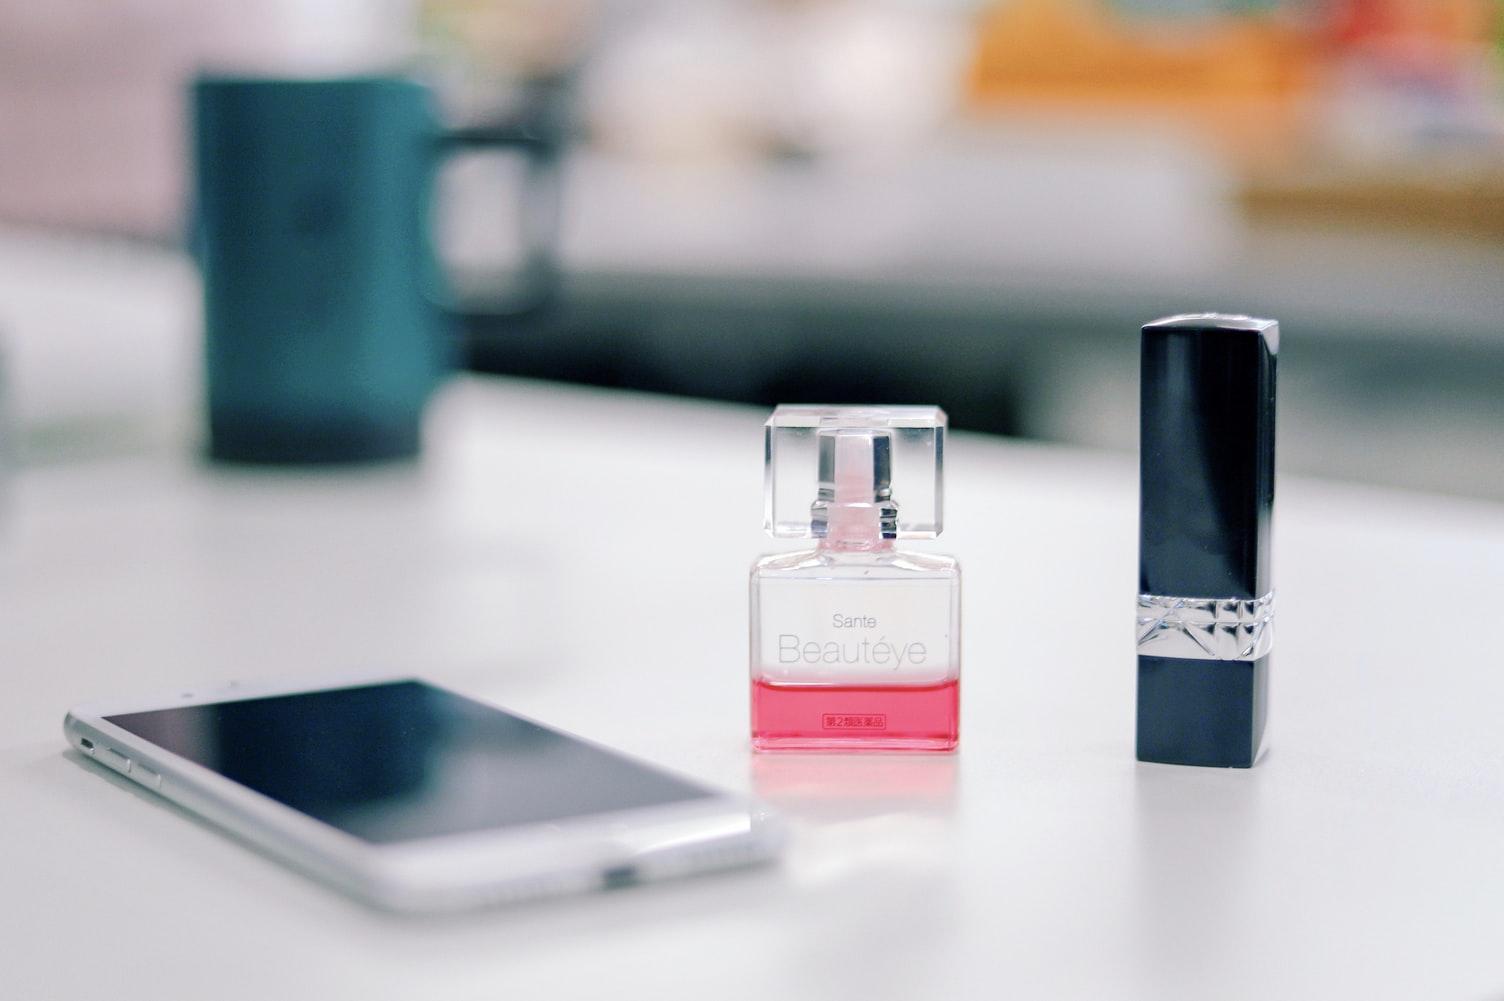 【2021年】ジバンシィ(GIVENCHY)の人気香水10選!定番人気商品は? アイキャッチ画像